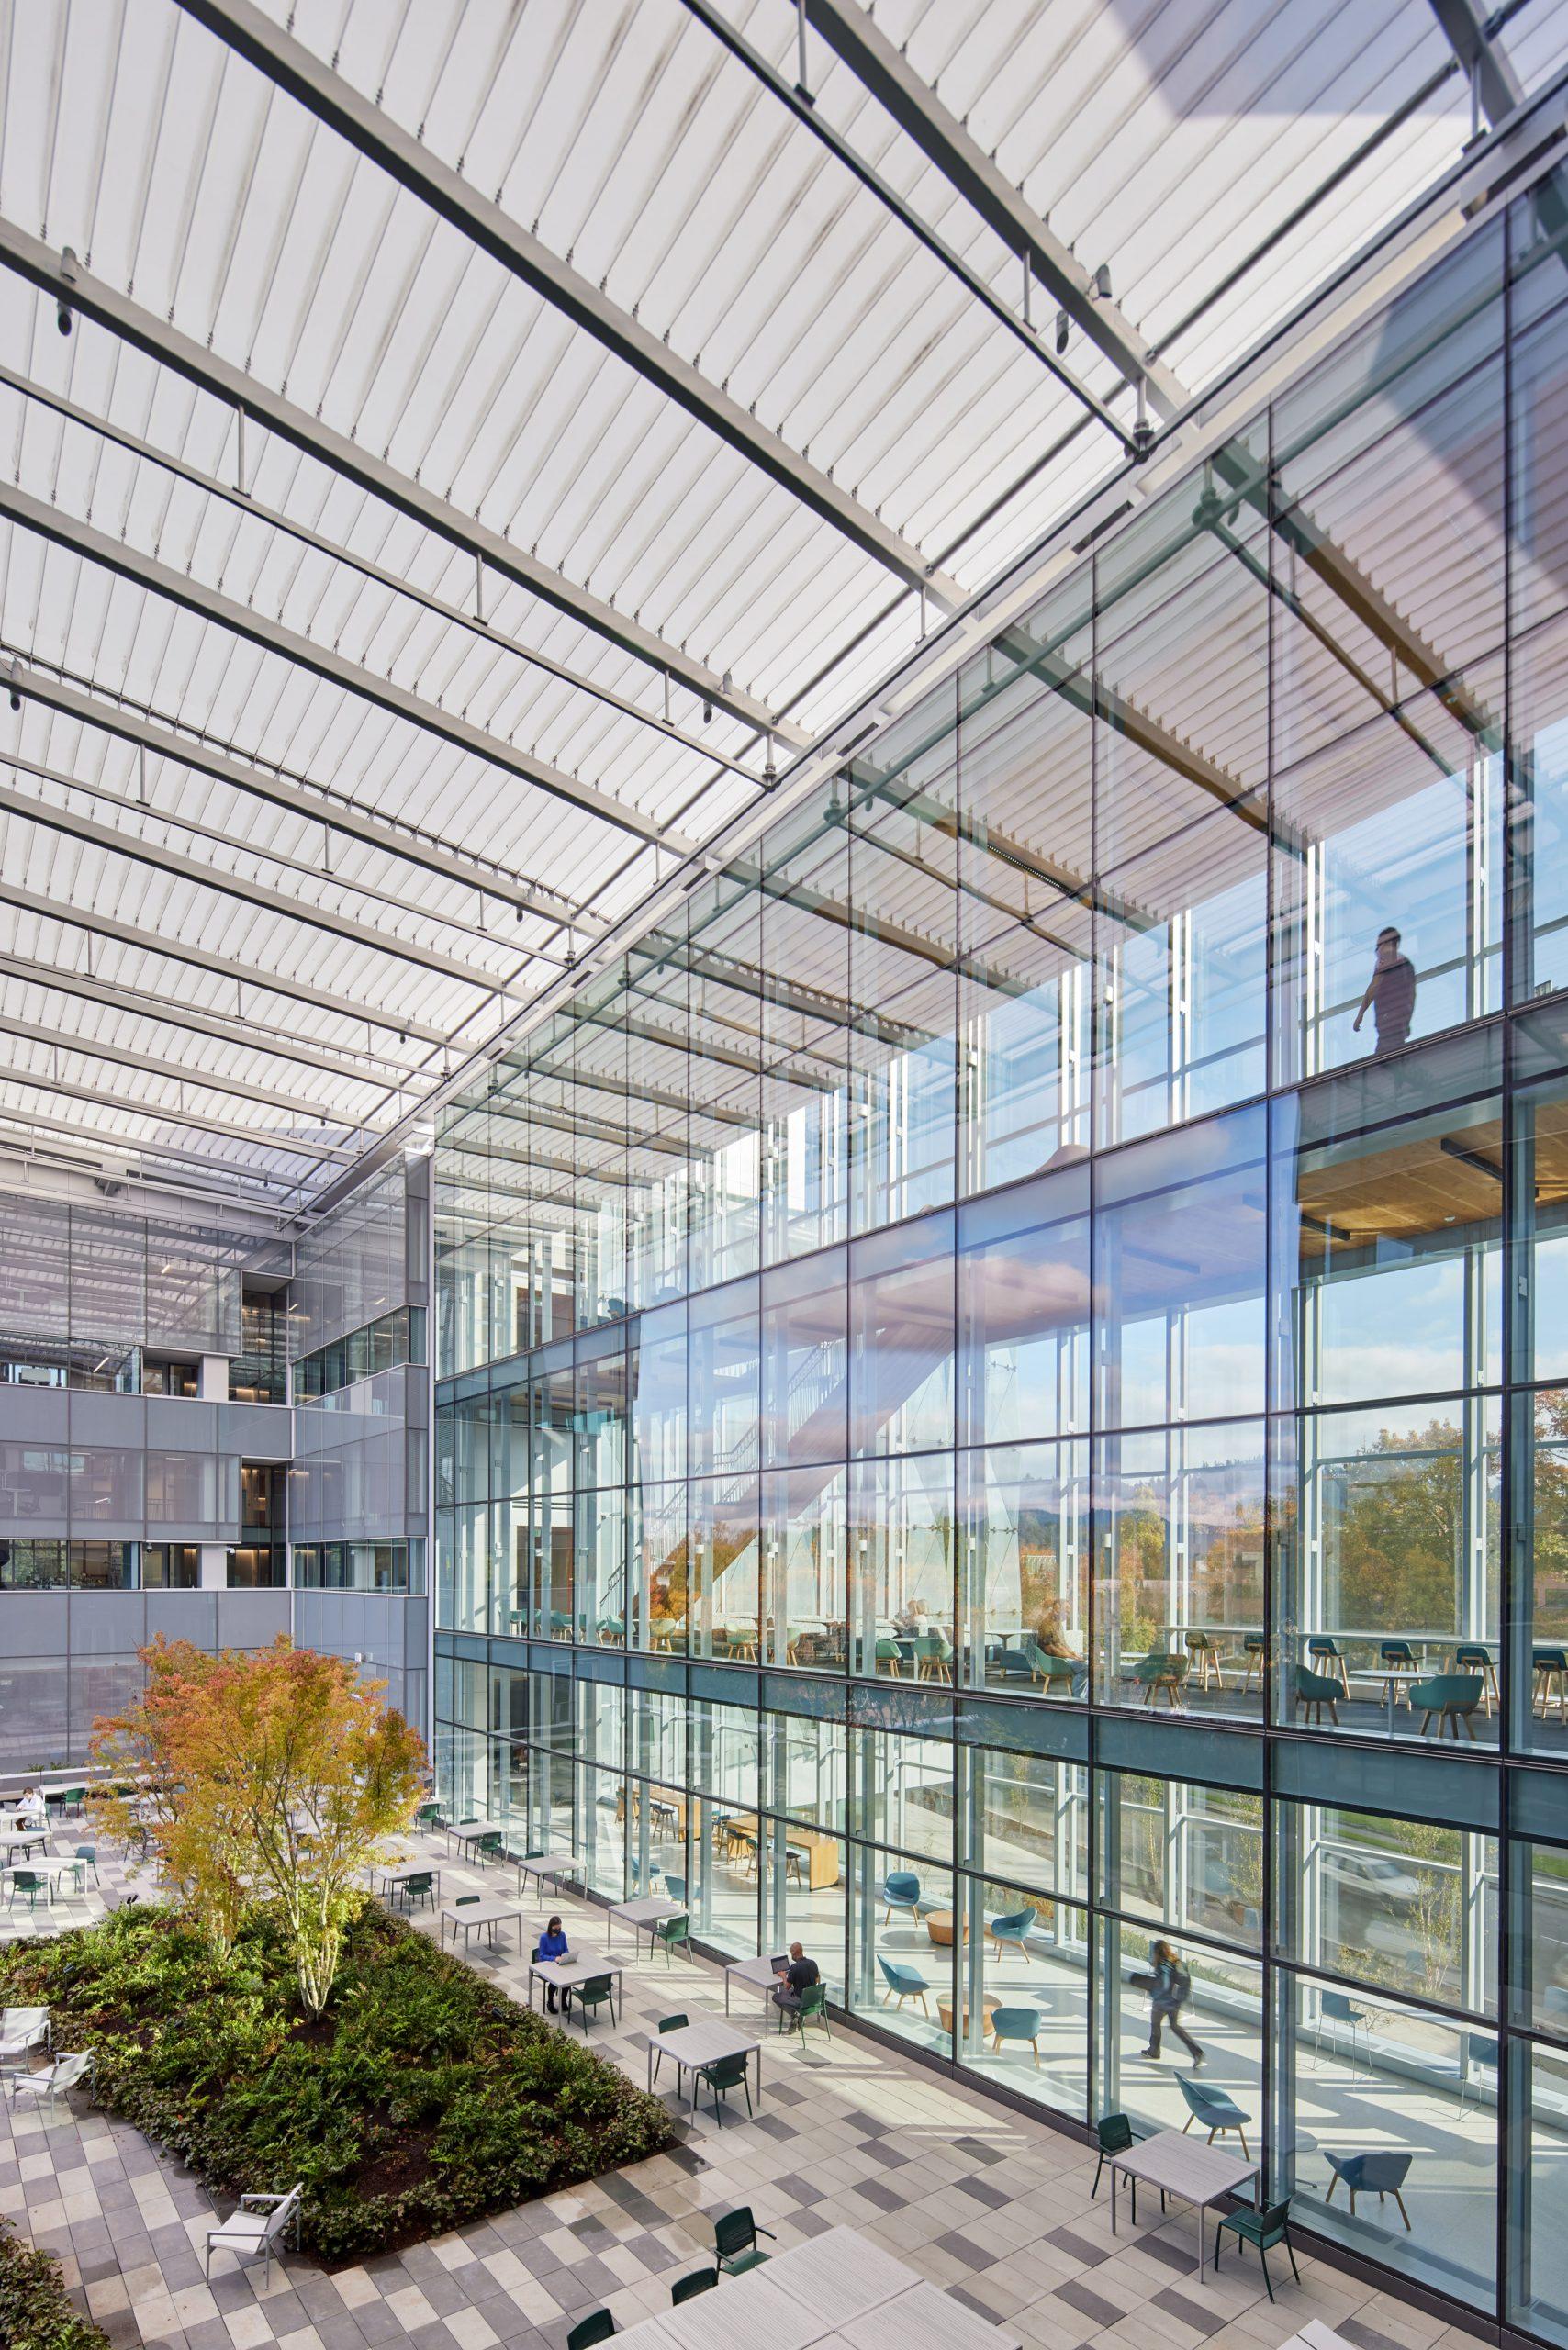 Courtyard of University of Oregon facility